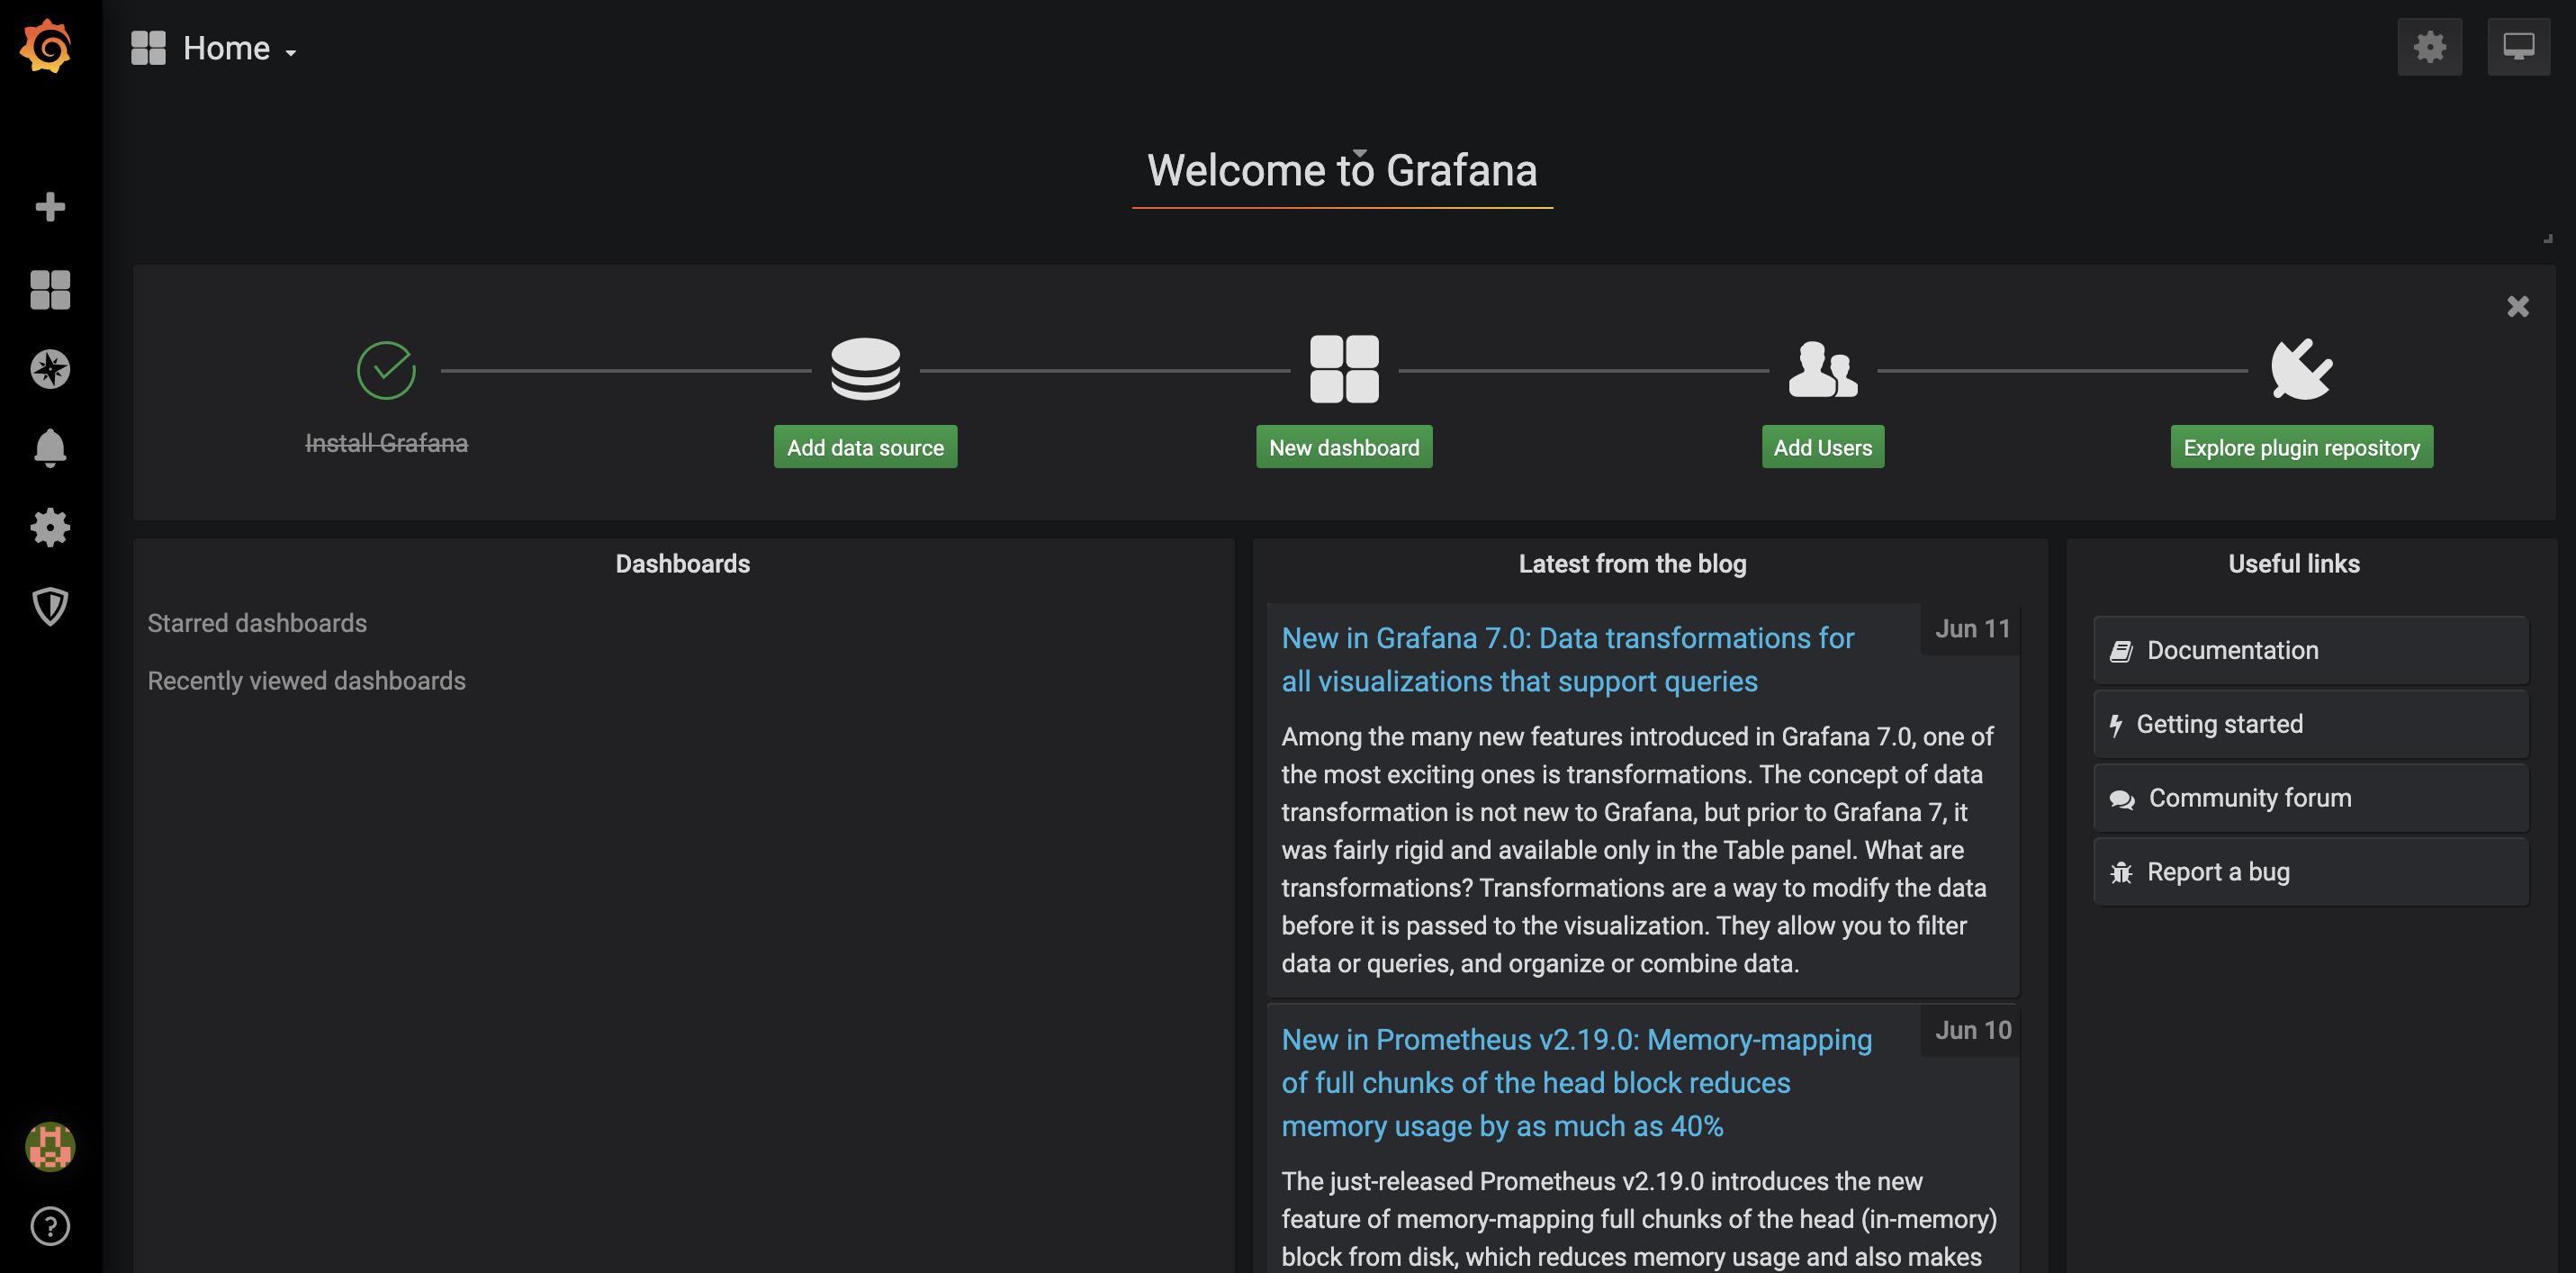 Grafana homepage